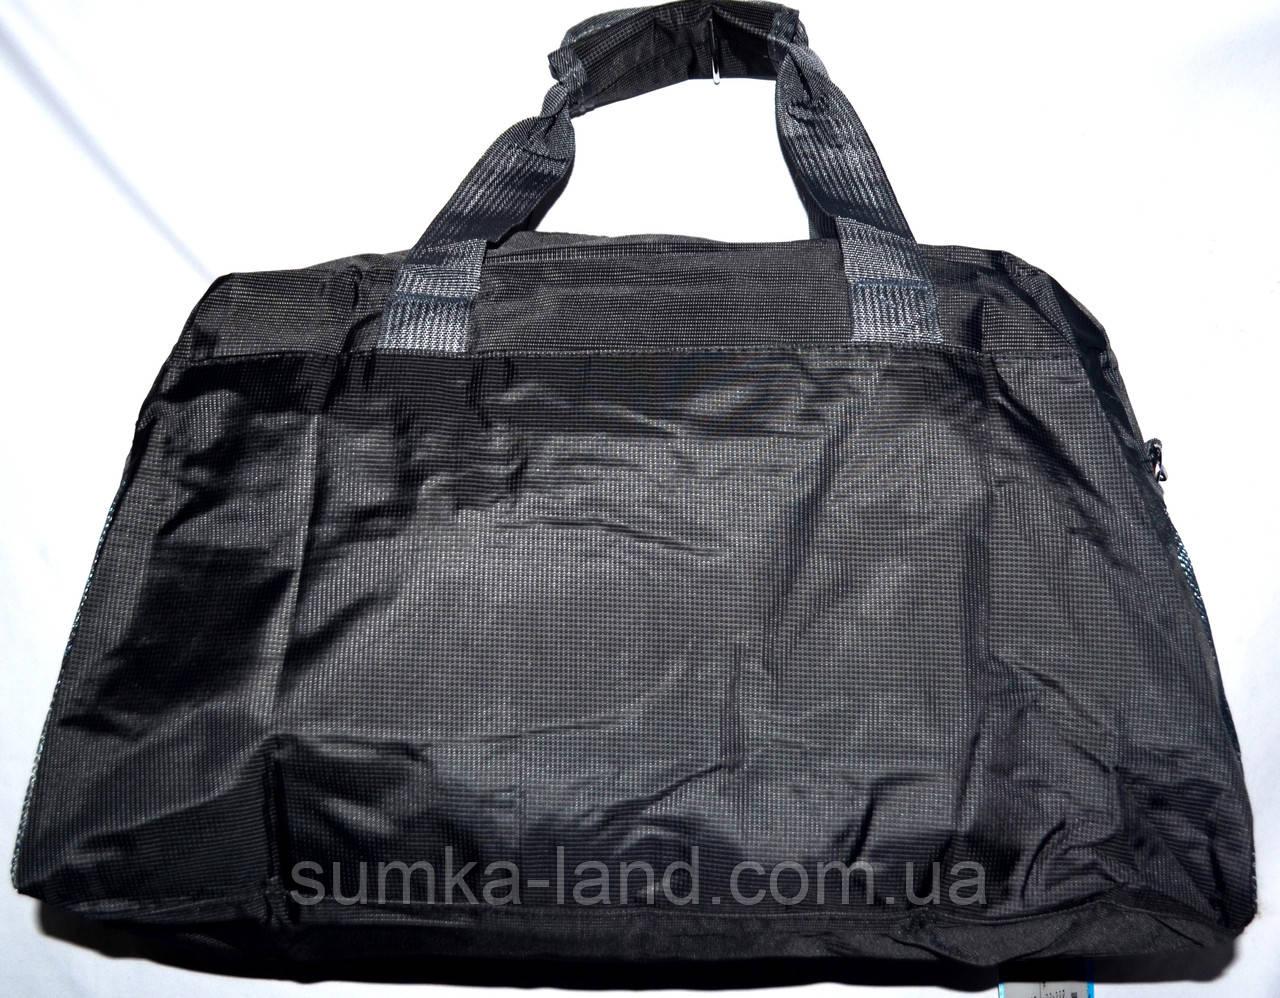 21dd2cb02f15 ... Универсальная спортивная дорожная сумка в черном цвете 48*30 см, фото 5